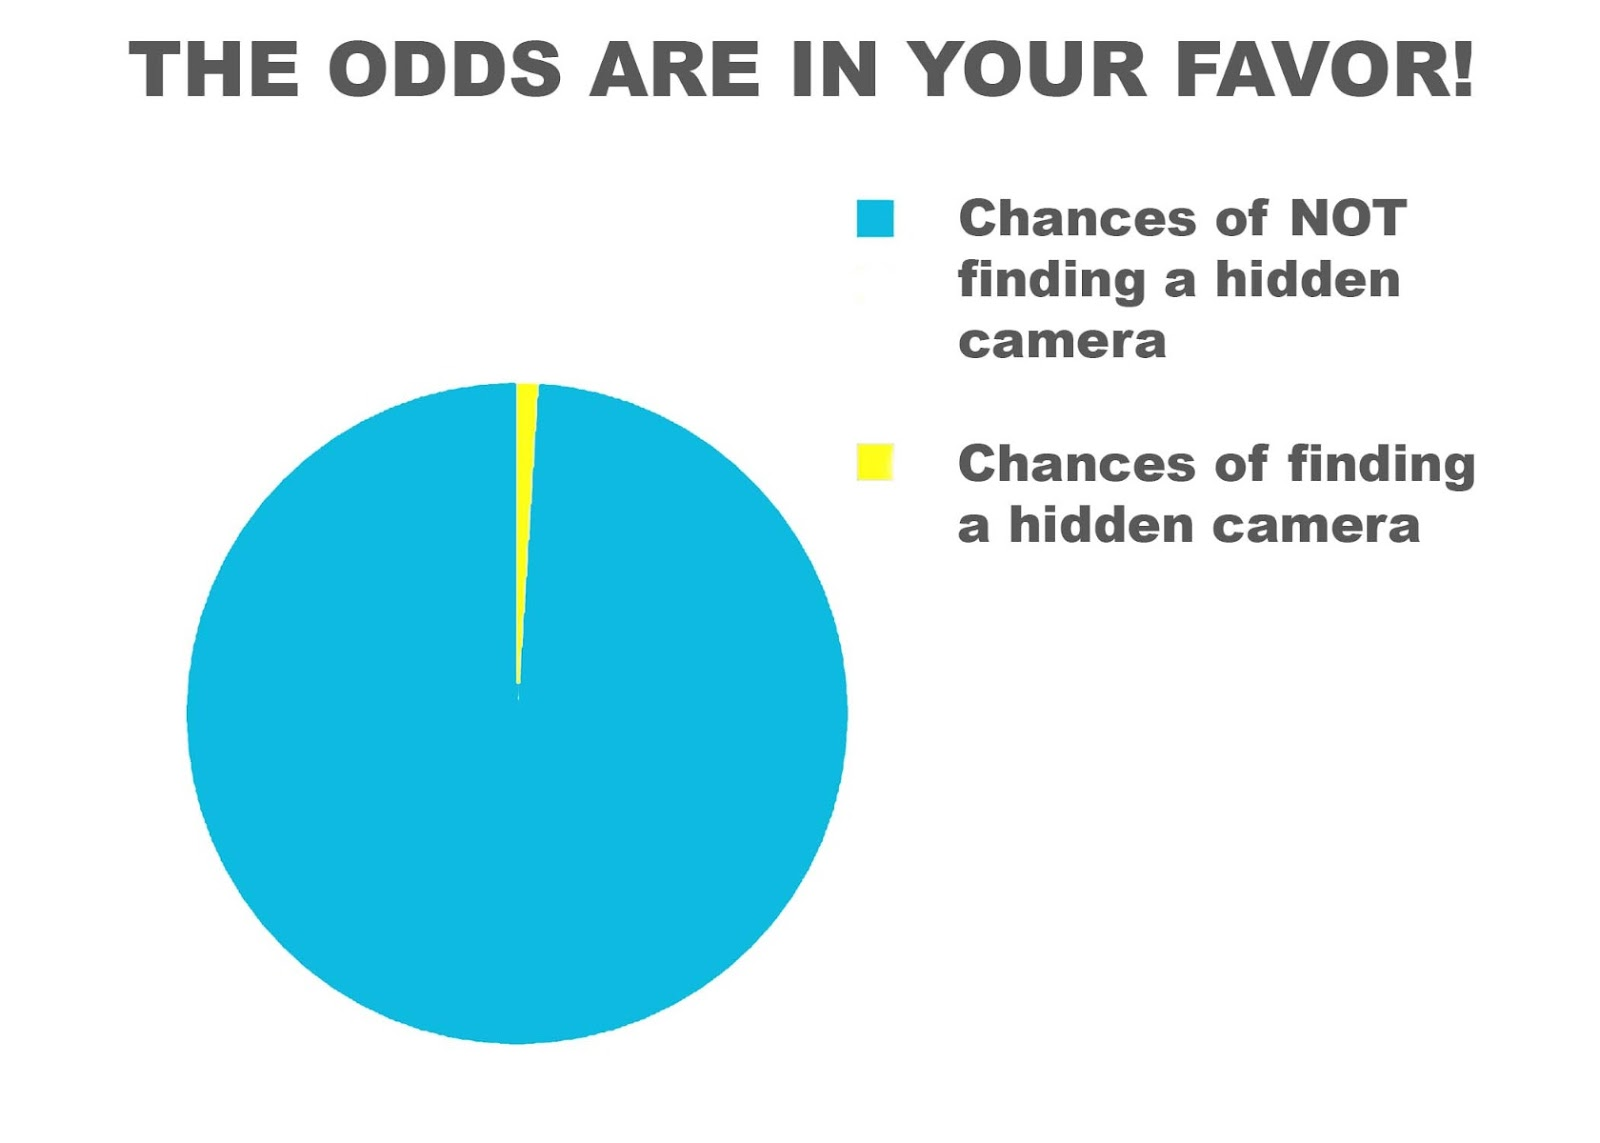 Вероятность найти скрытую камеру